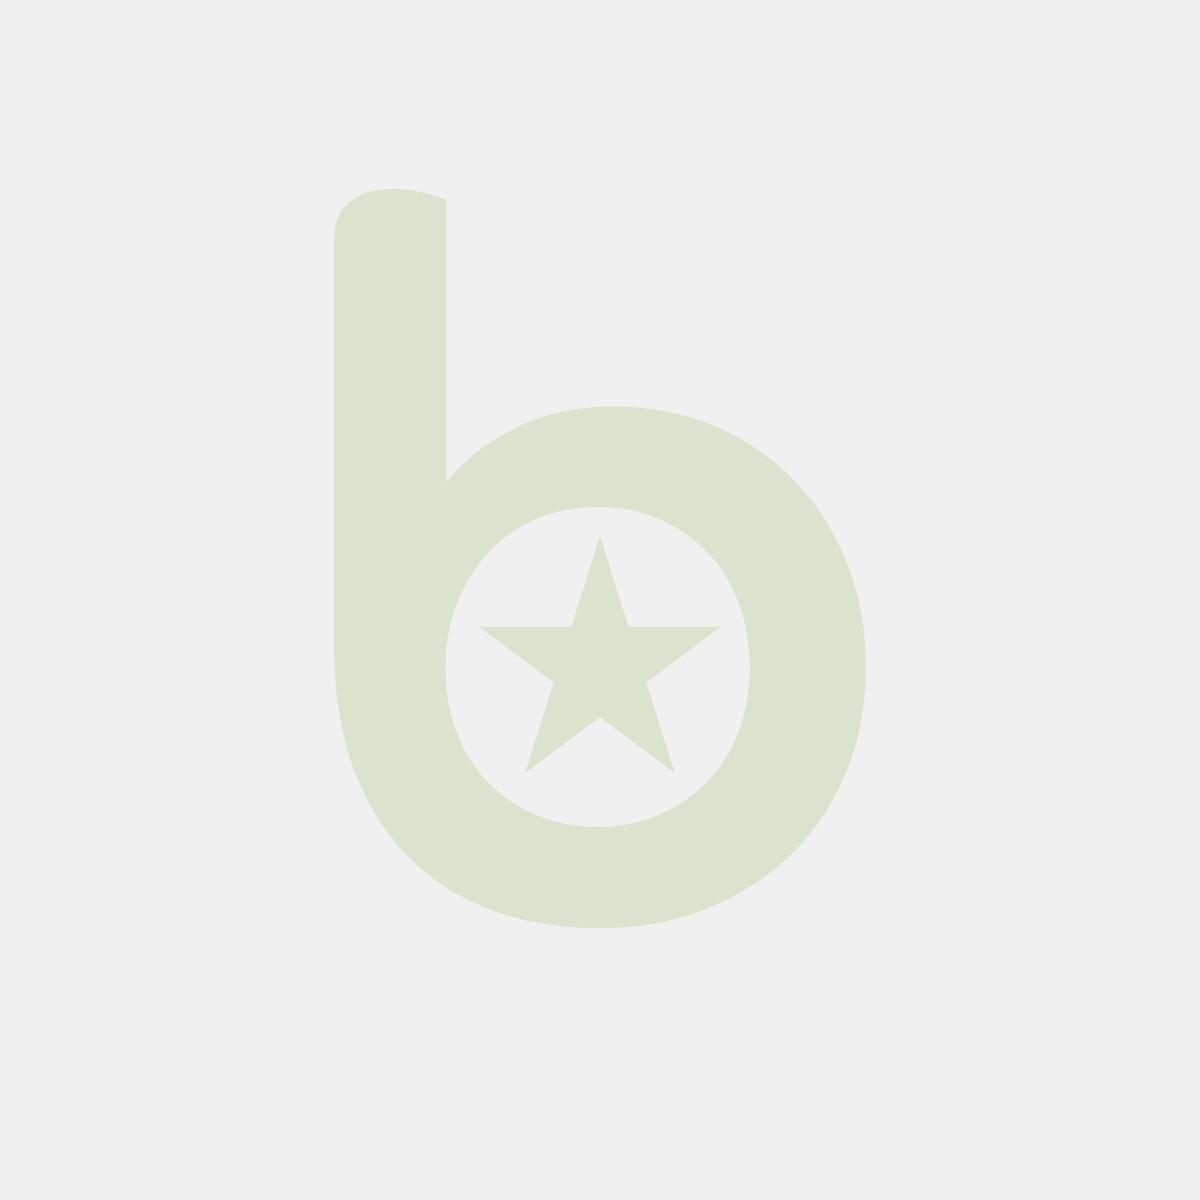 Miara barmańska - kod 596722